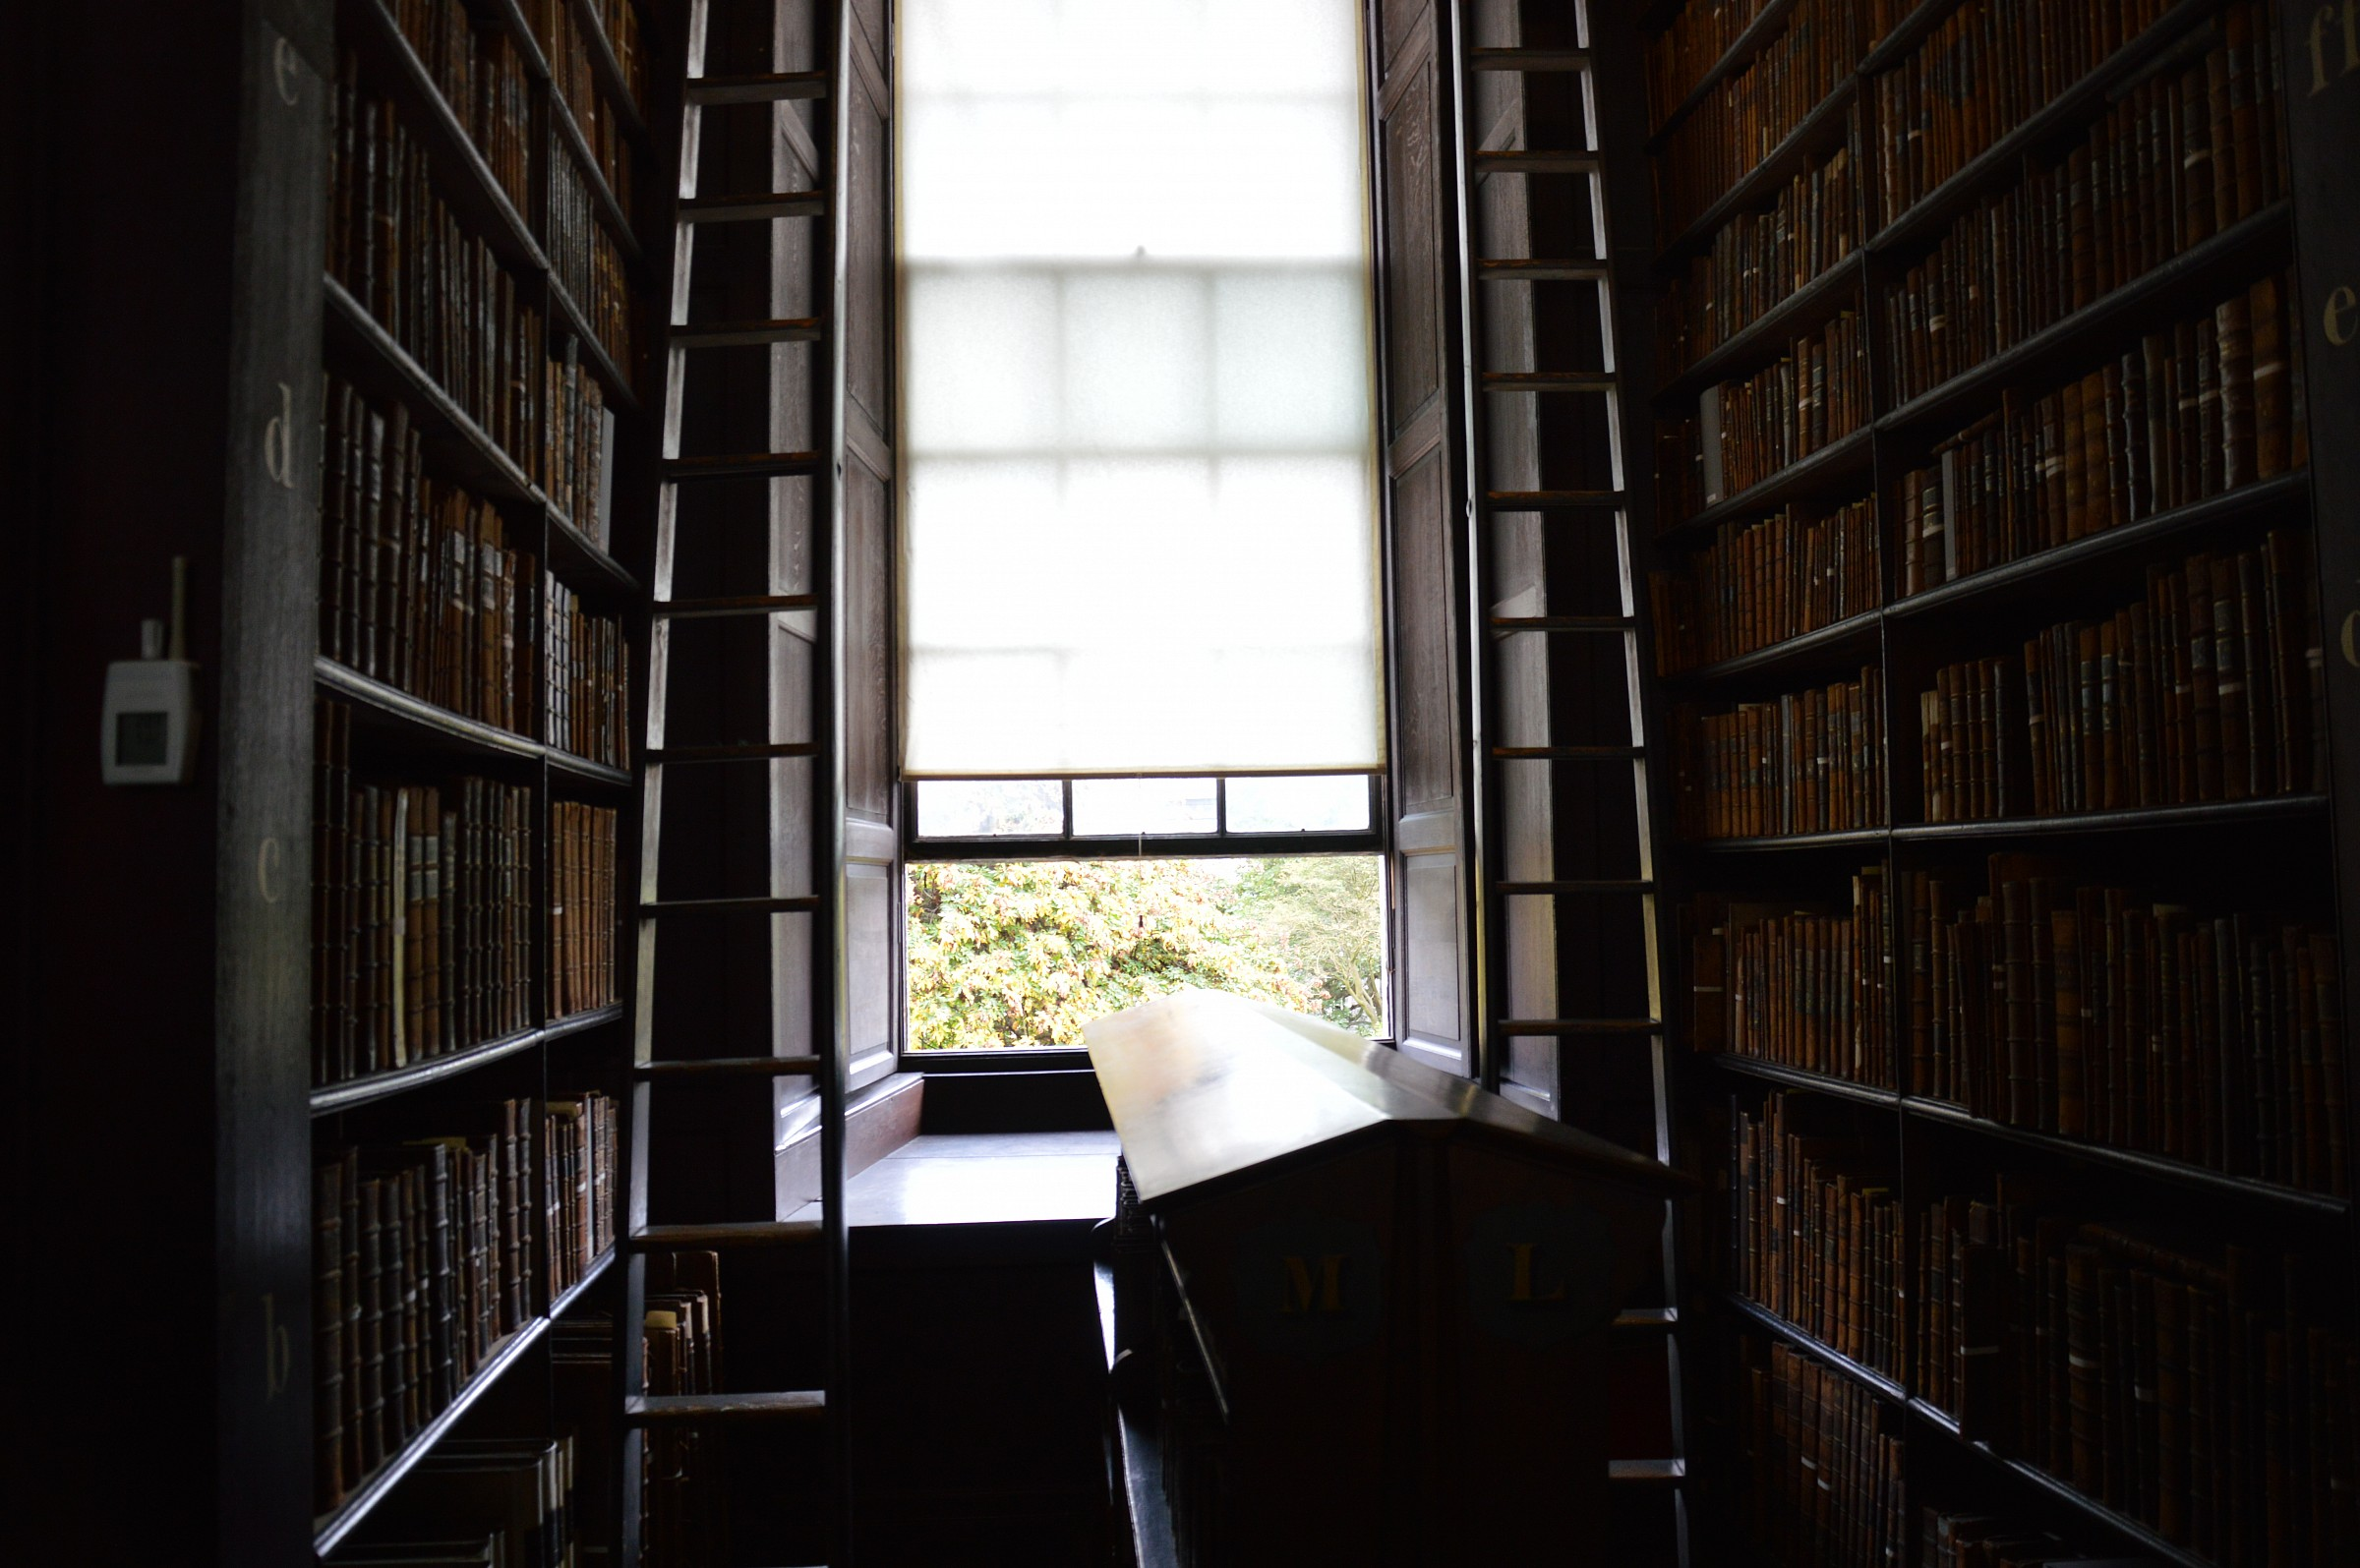 La luce nella Long Library - Dublino...